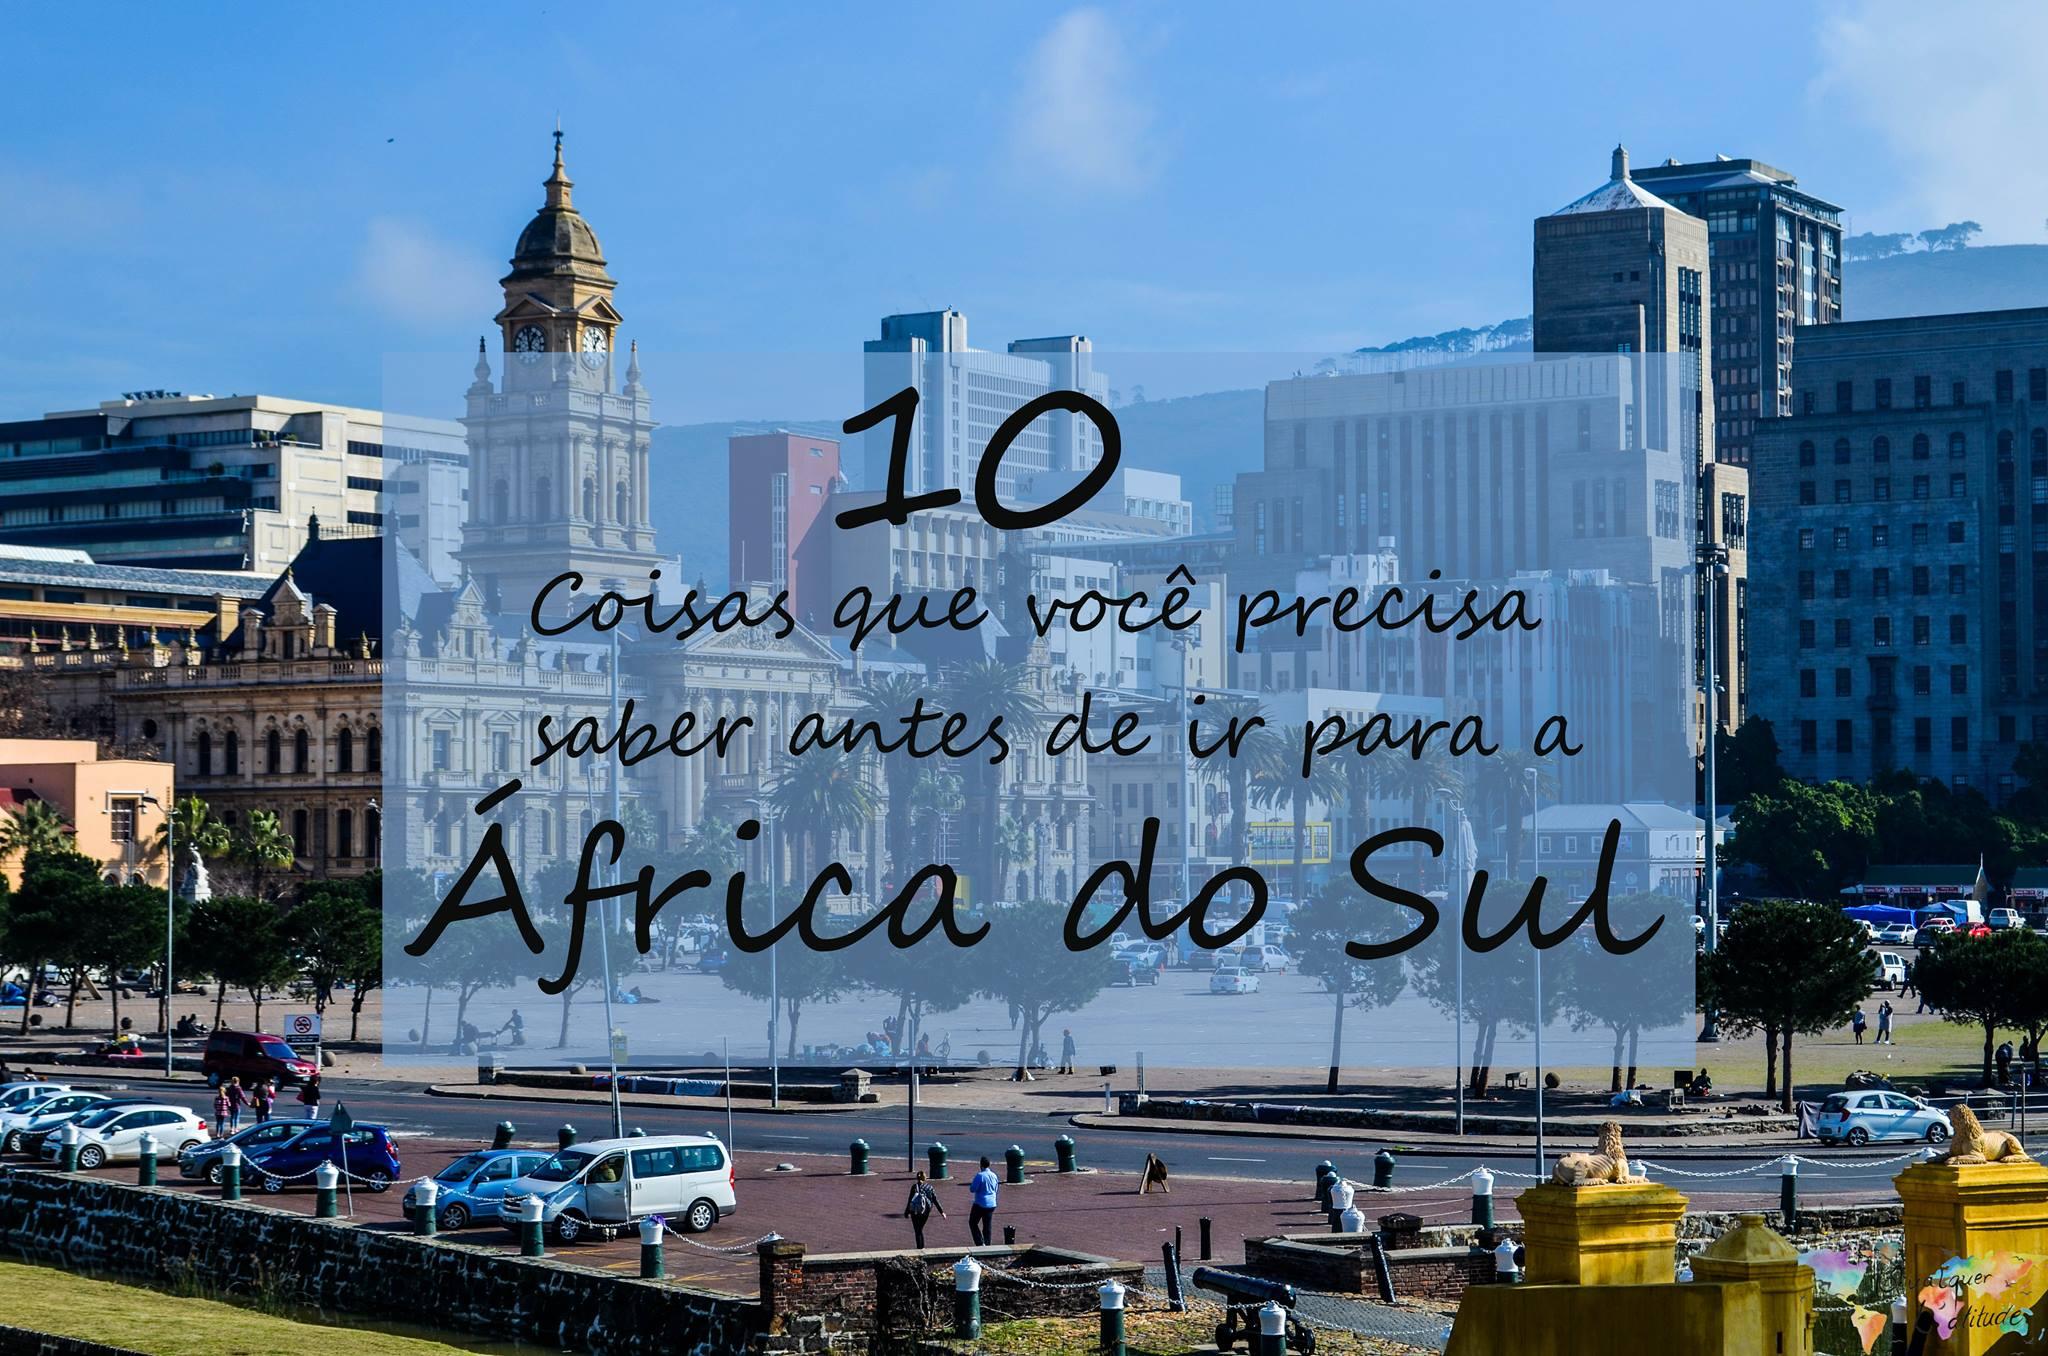 10 coisas sobre a África do Sul